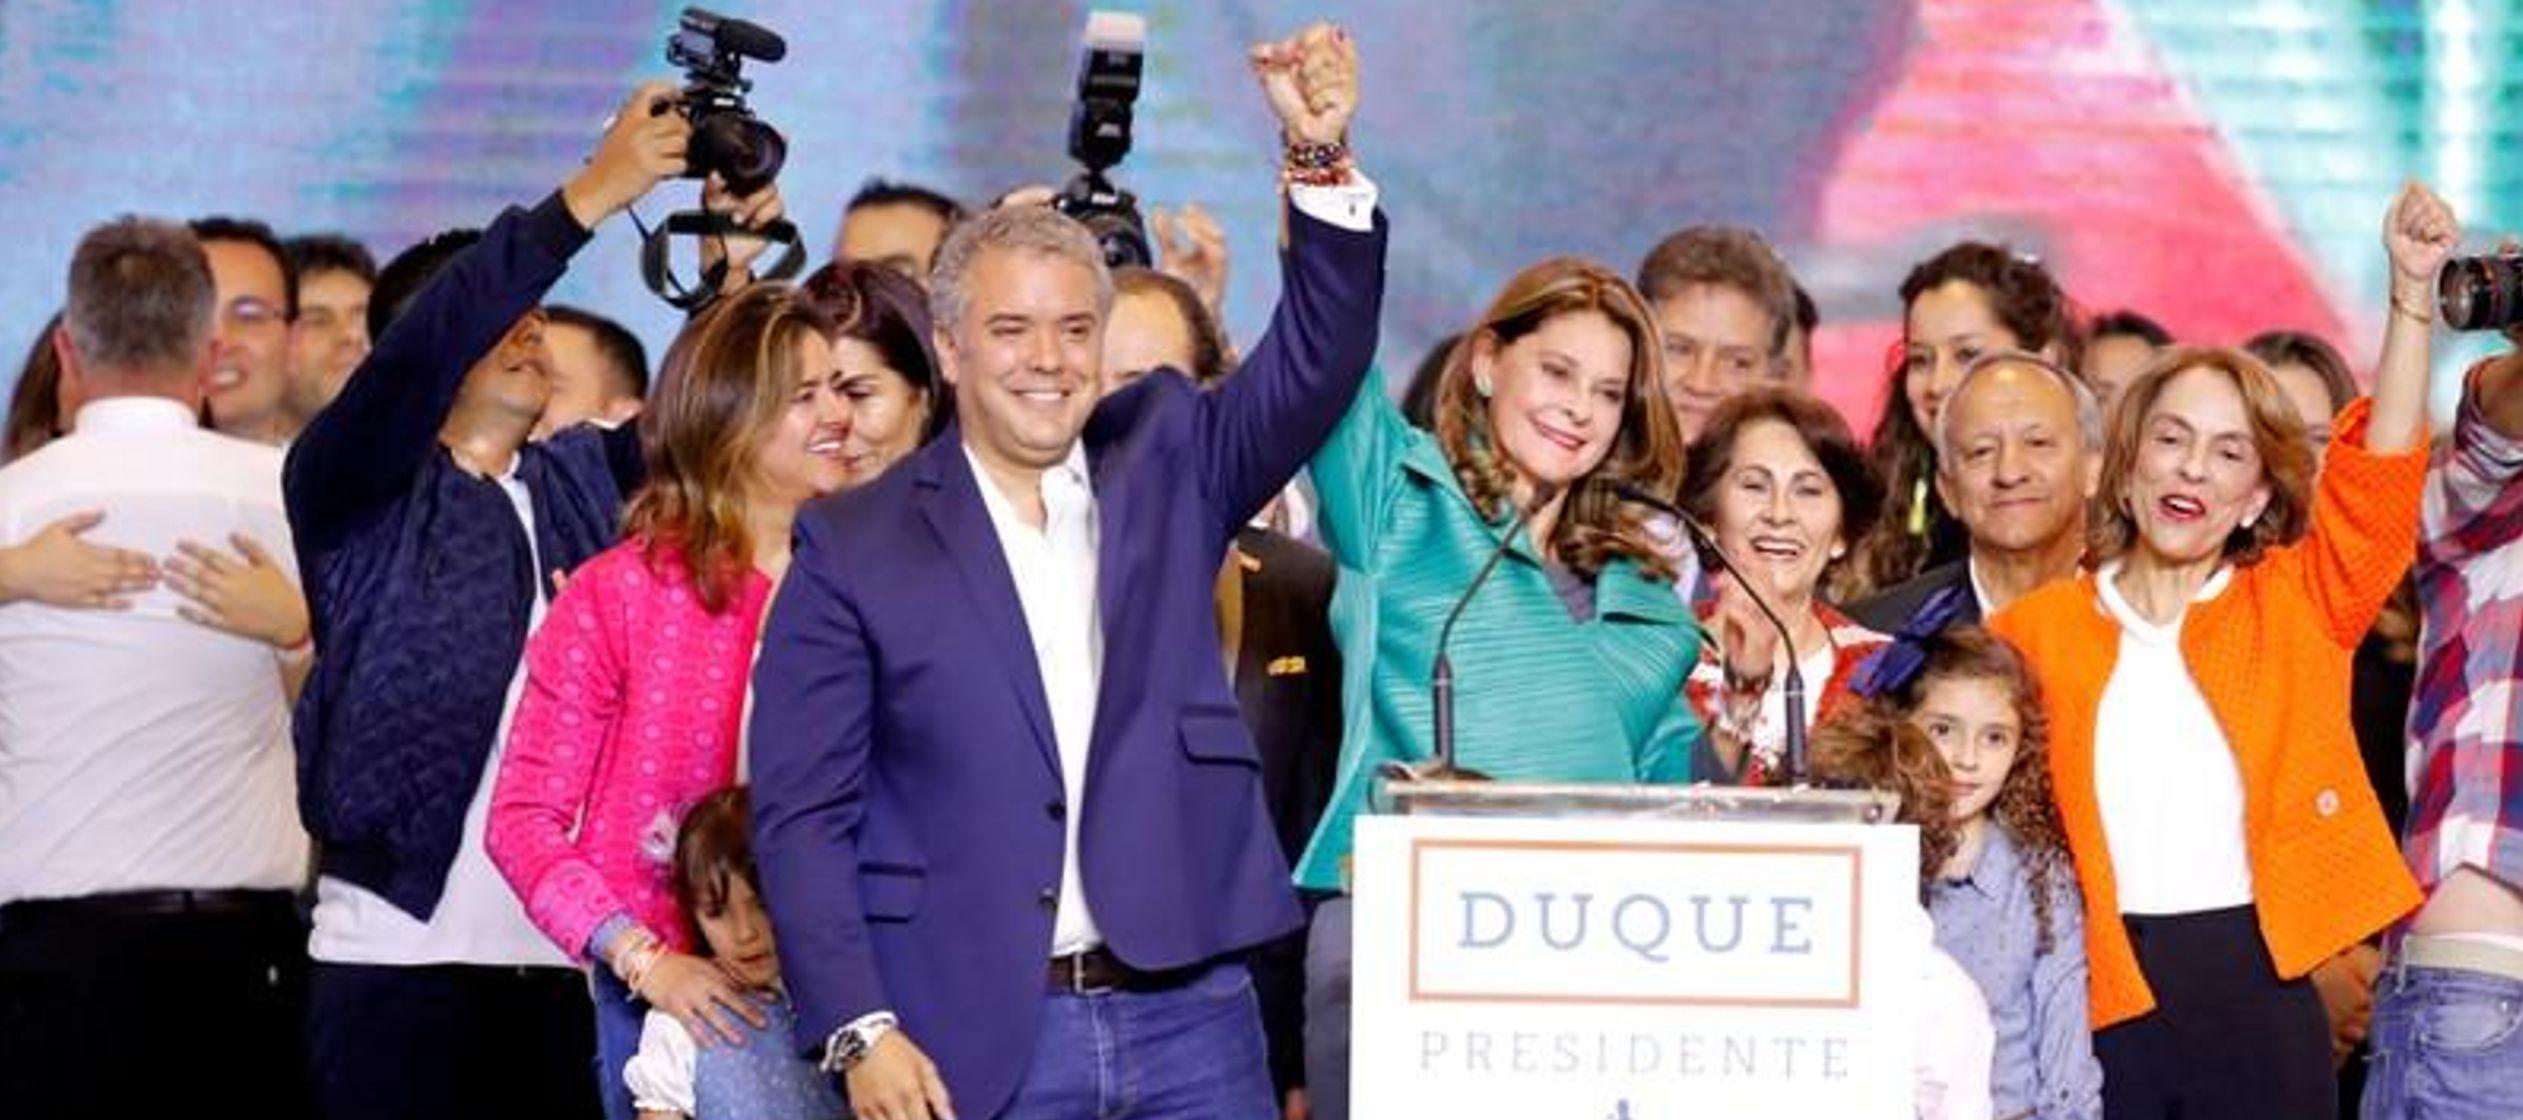 El exsenador y abogado prometió en su discurso de victoria unir al país polarizado,...